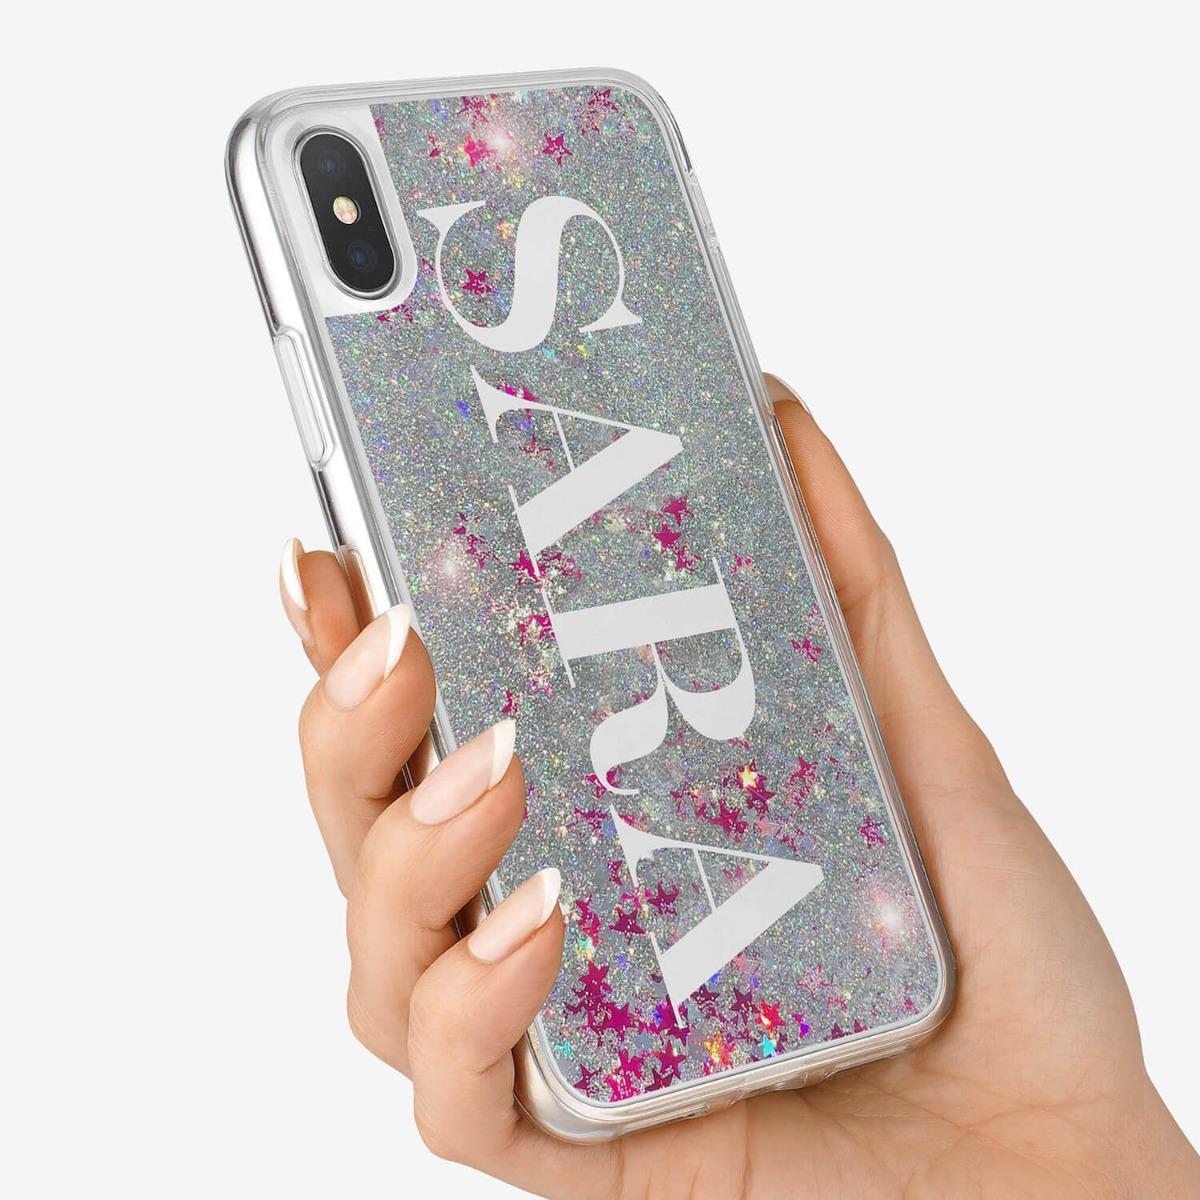 iPhone 7 Glitter Case 16219